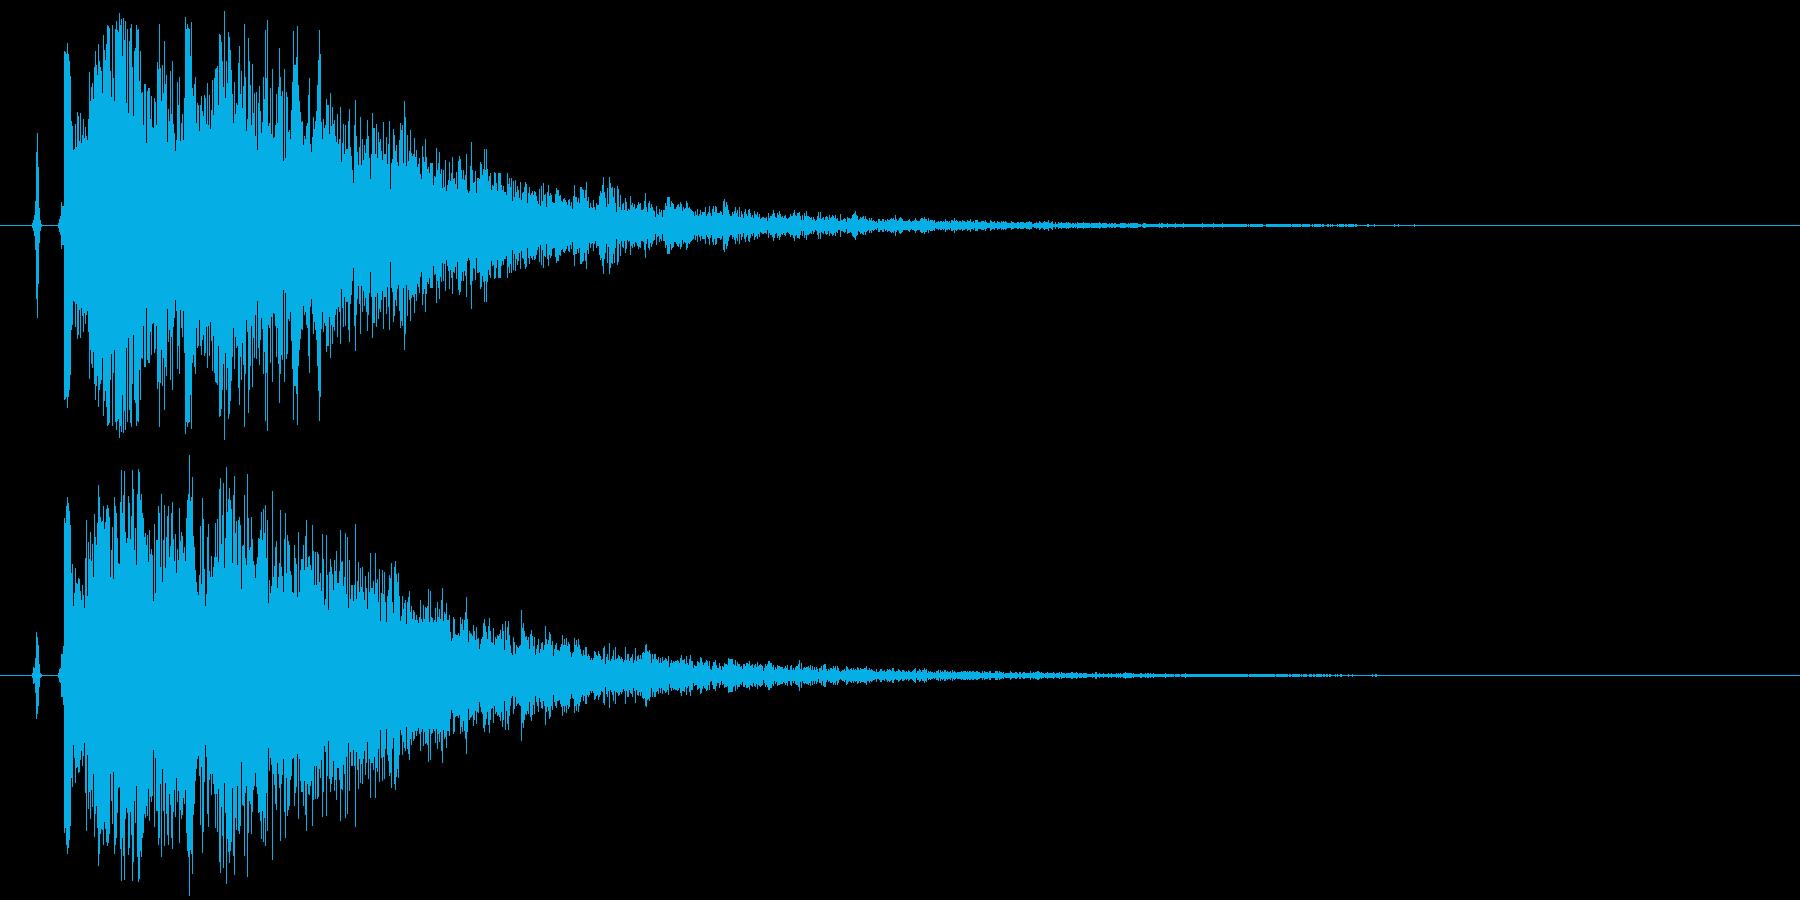 【カカン】拍子木【和風な日本伝統芸能】2の再生済みの波形